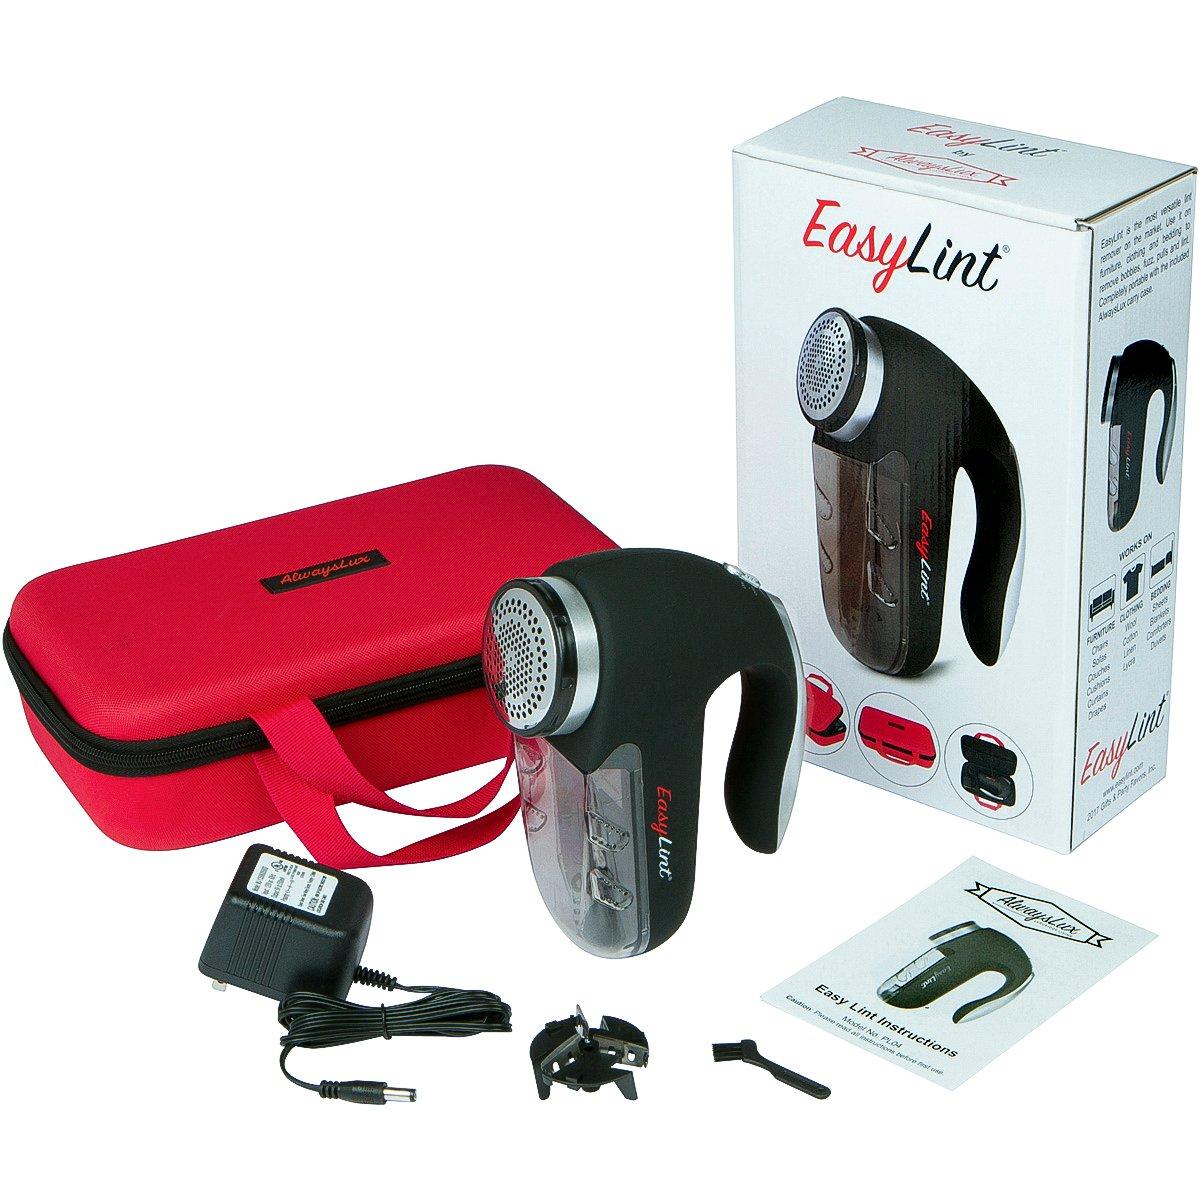 Amazon.com: EasyLint rasuradora profesional para sué ...